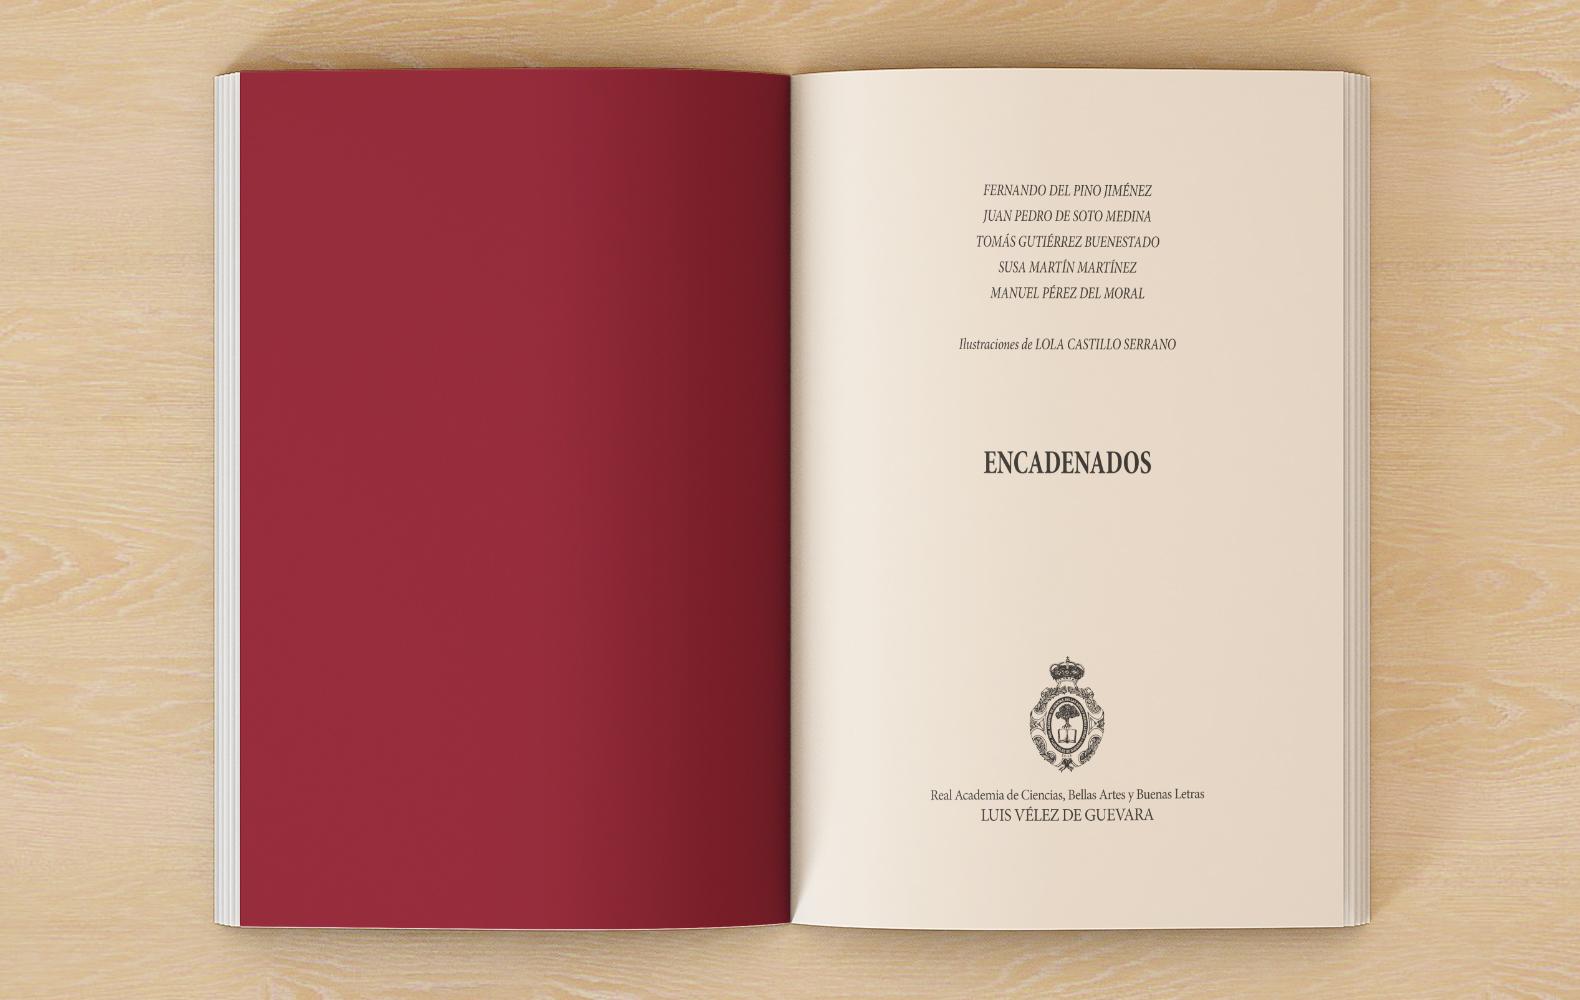 bliblioteca vélez de guevara libro abierto4